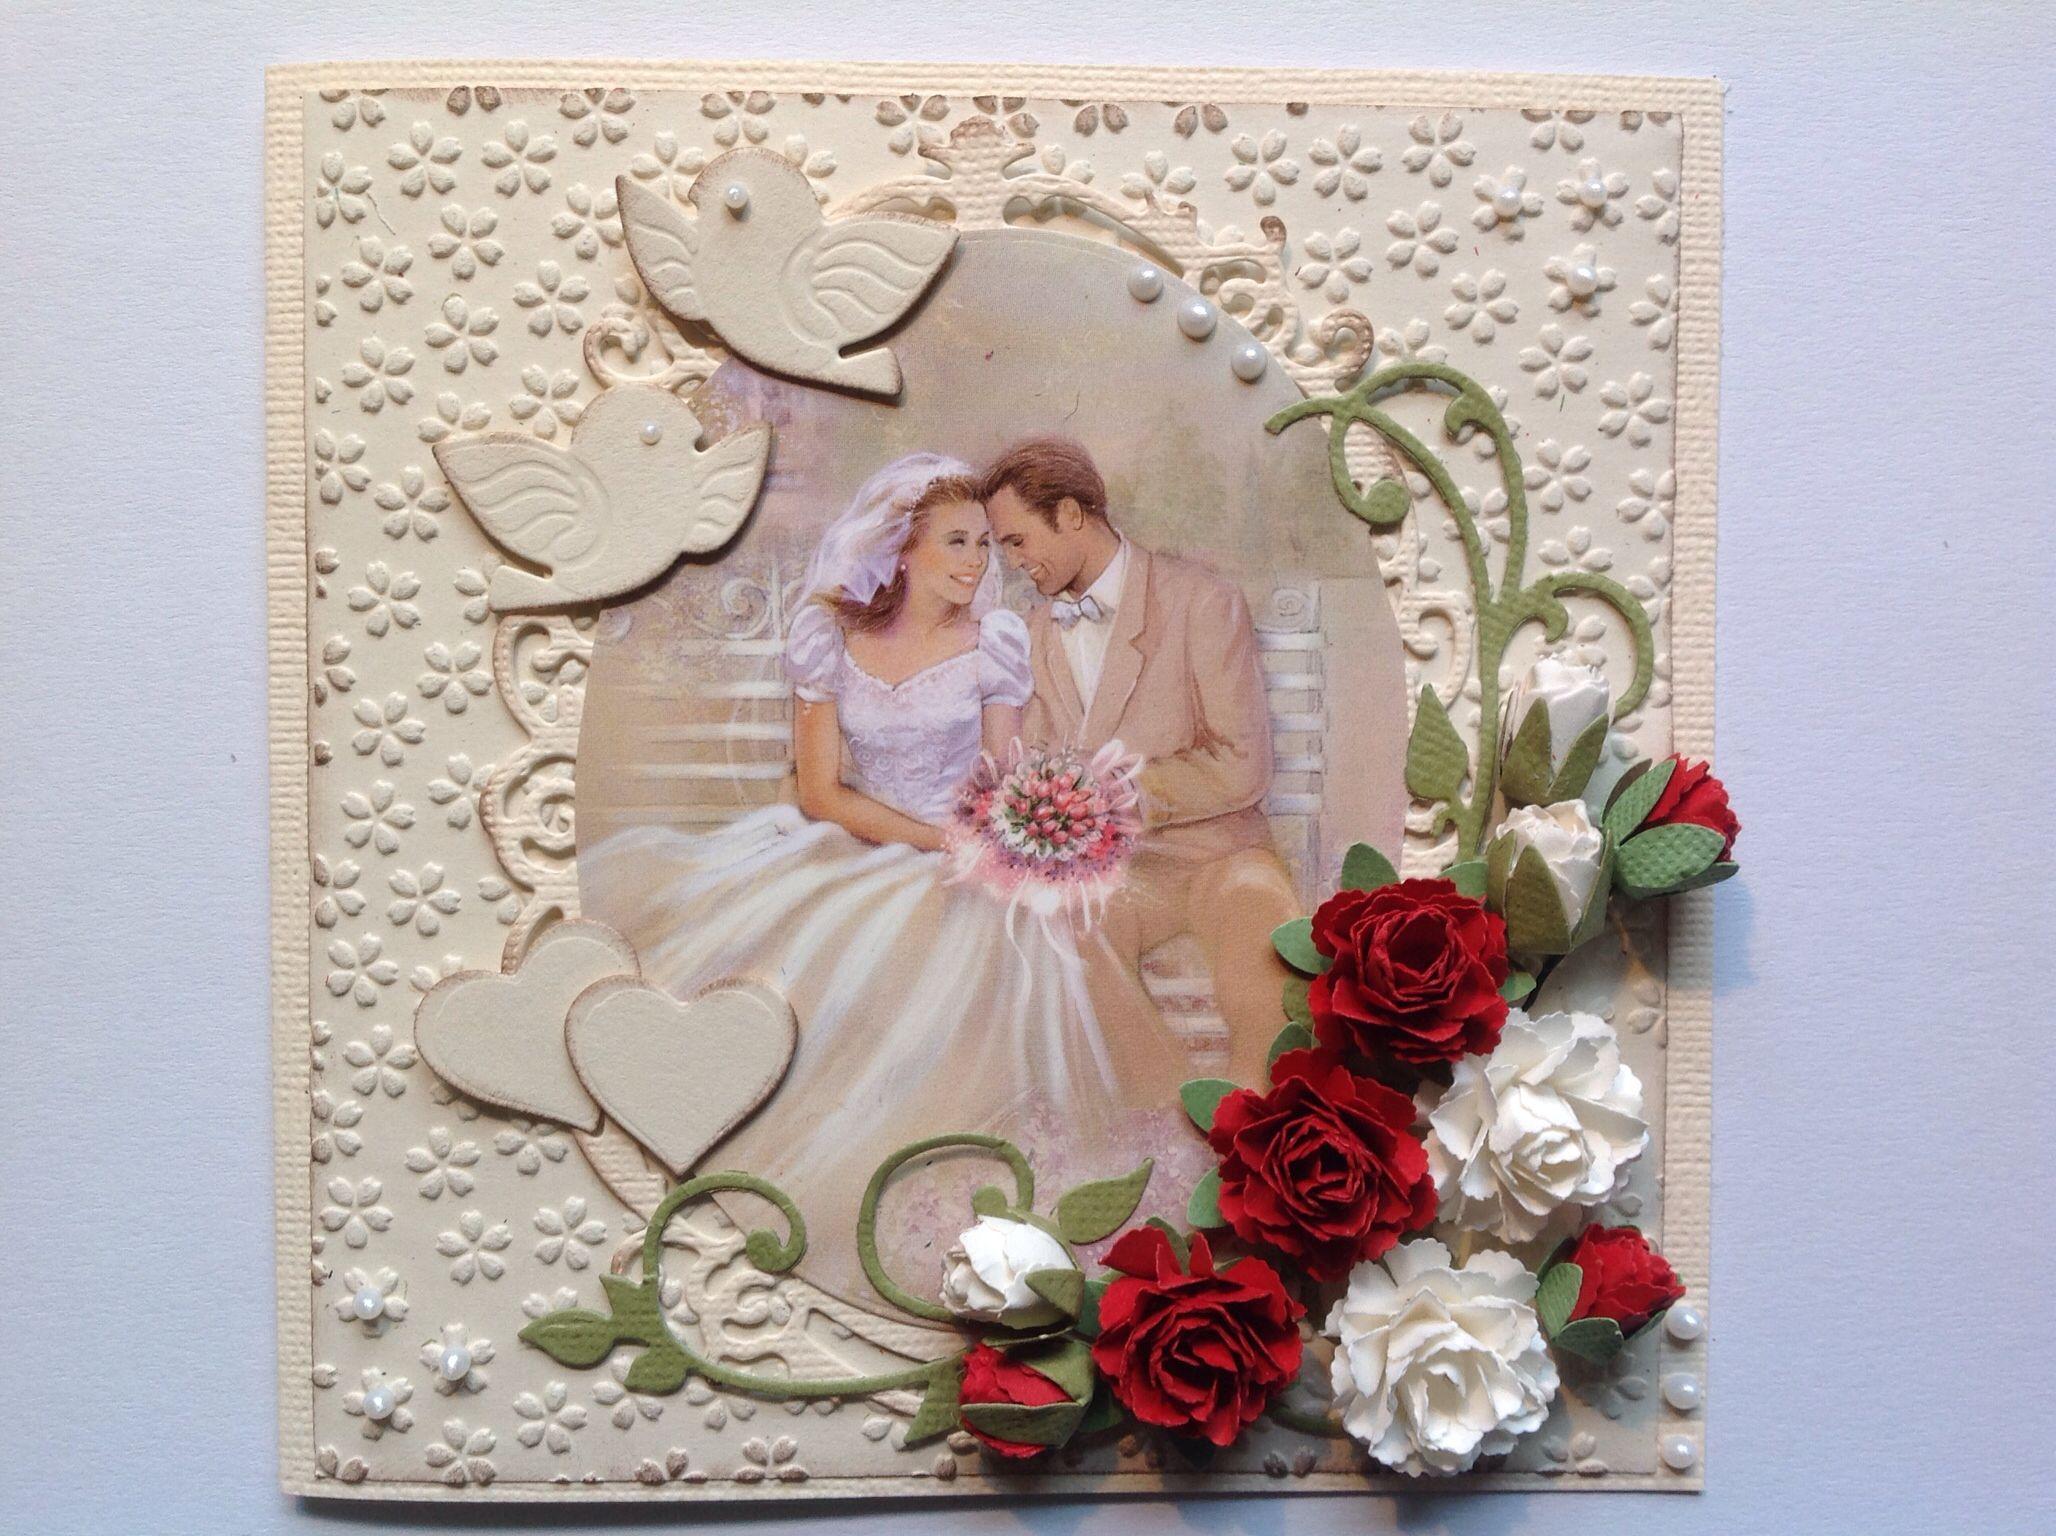 работы укреплению открытка на свадьбу своими руками скрапбукинг там